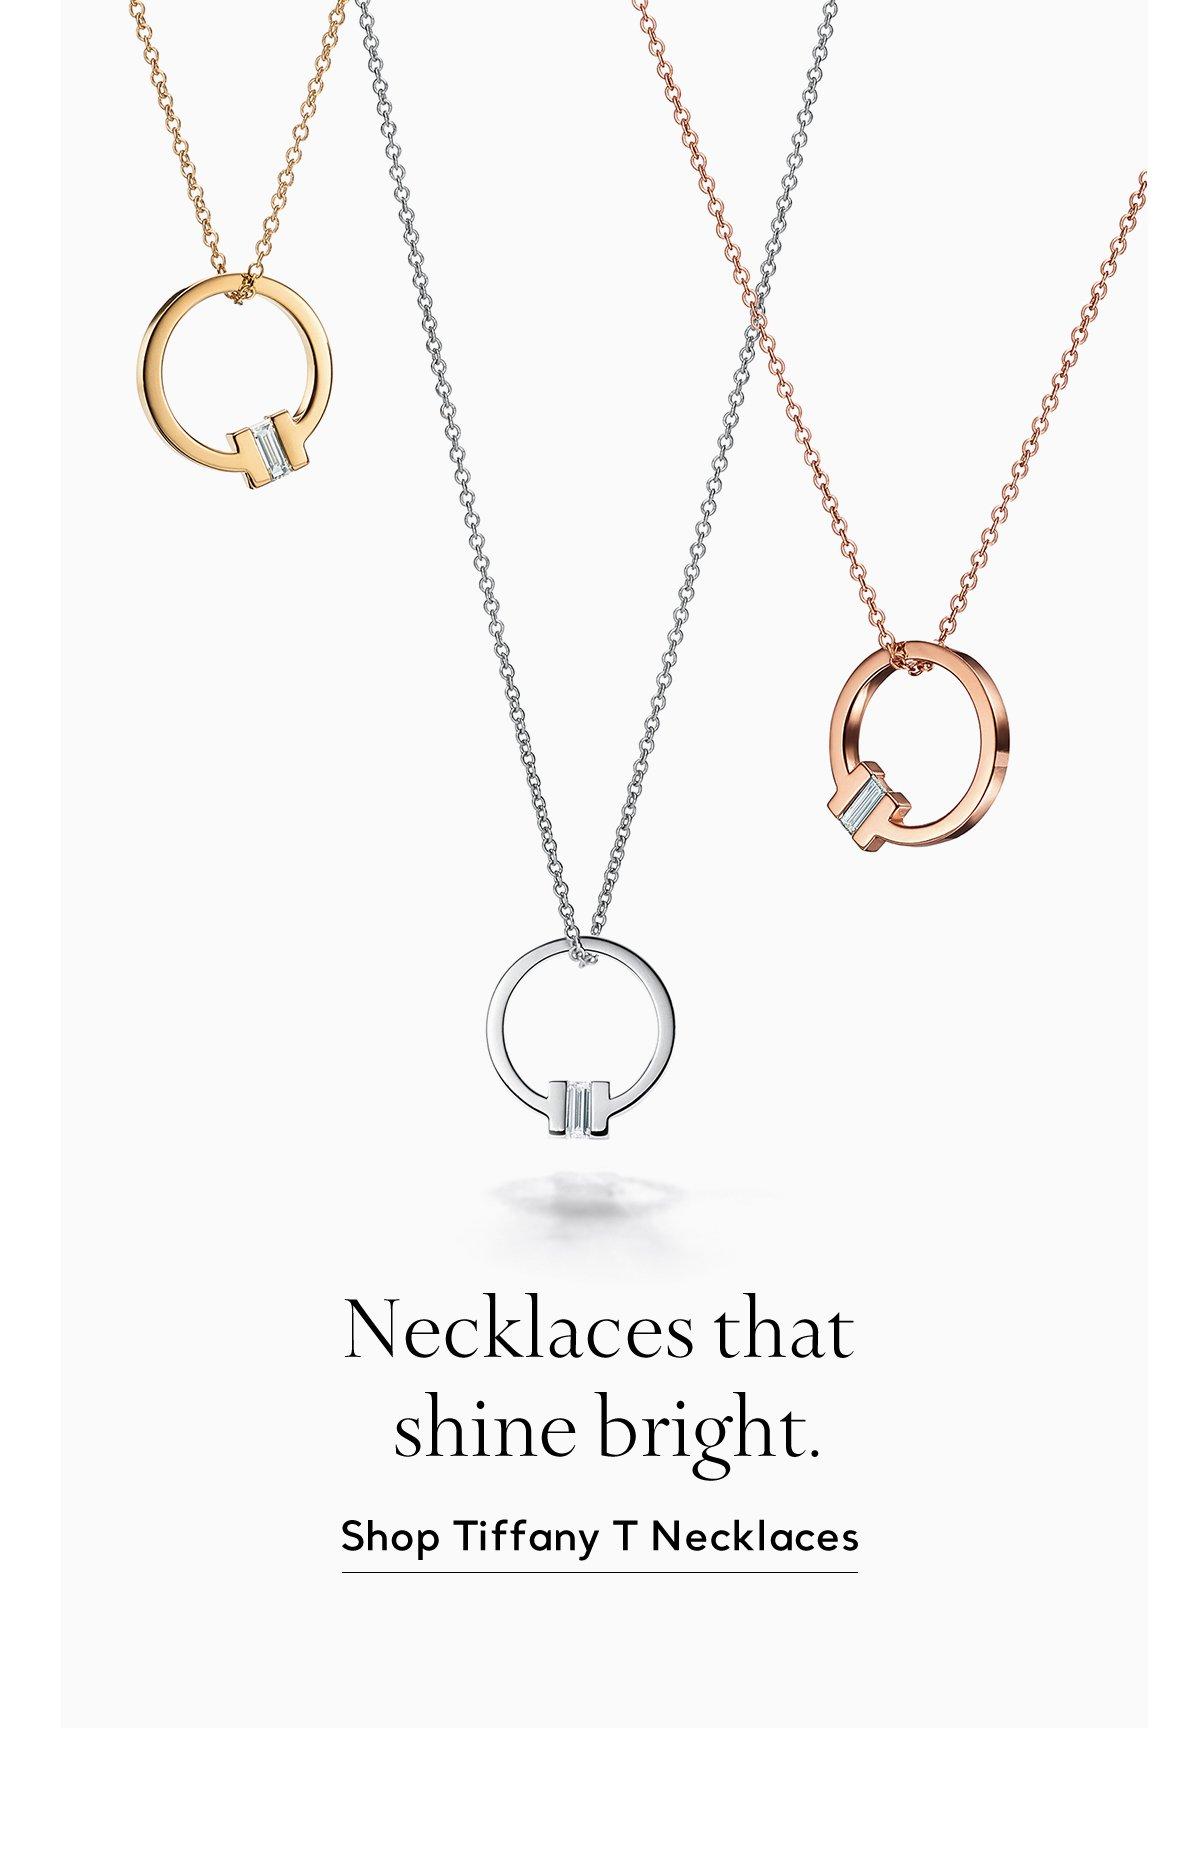 Shop Tiffany T Necklaces